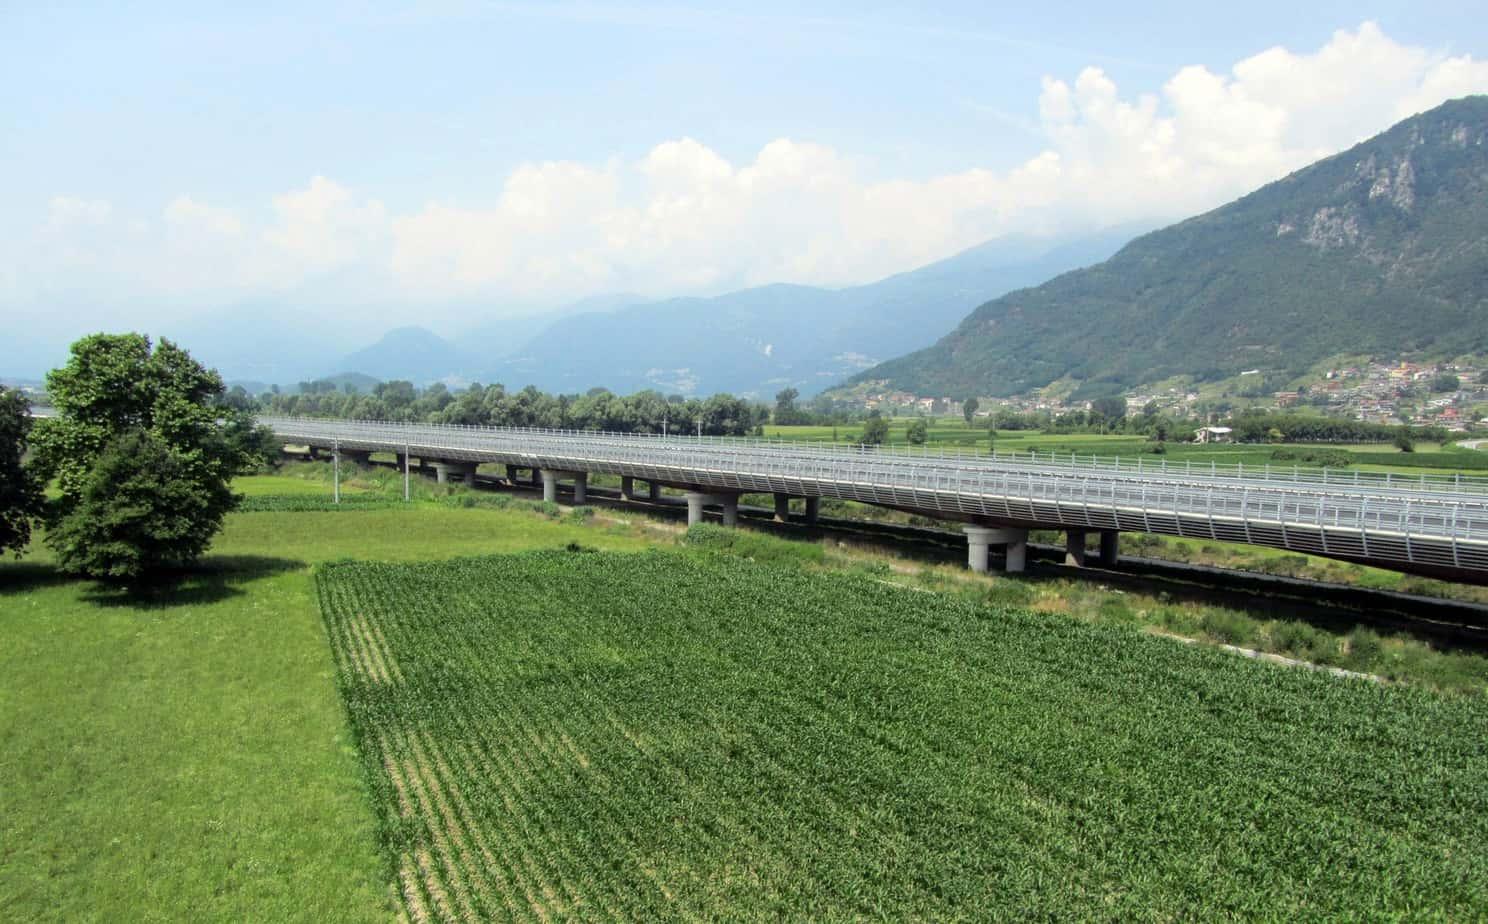 Una veduta dall'esterno del viadotto Valtellina completato